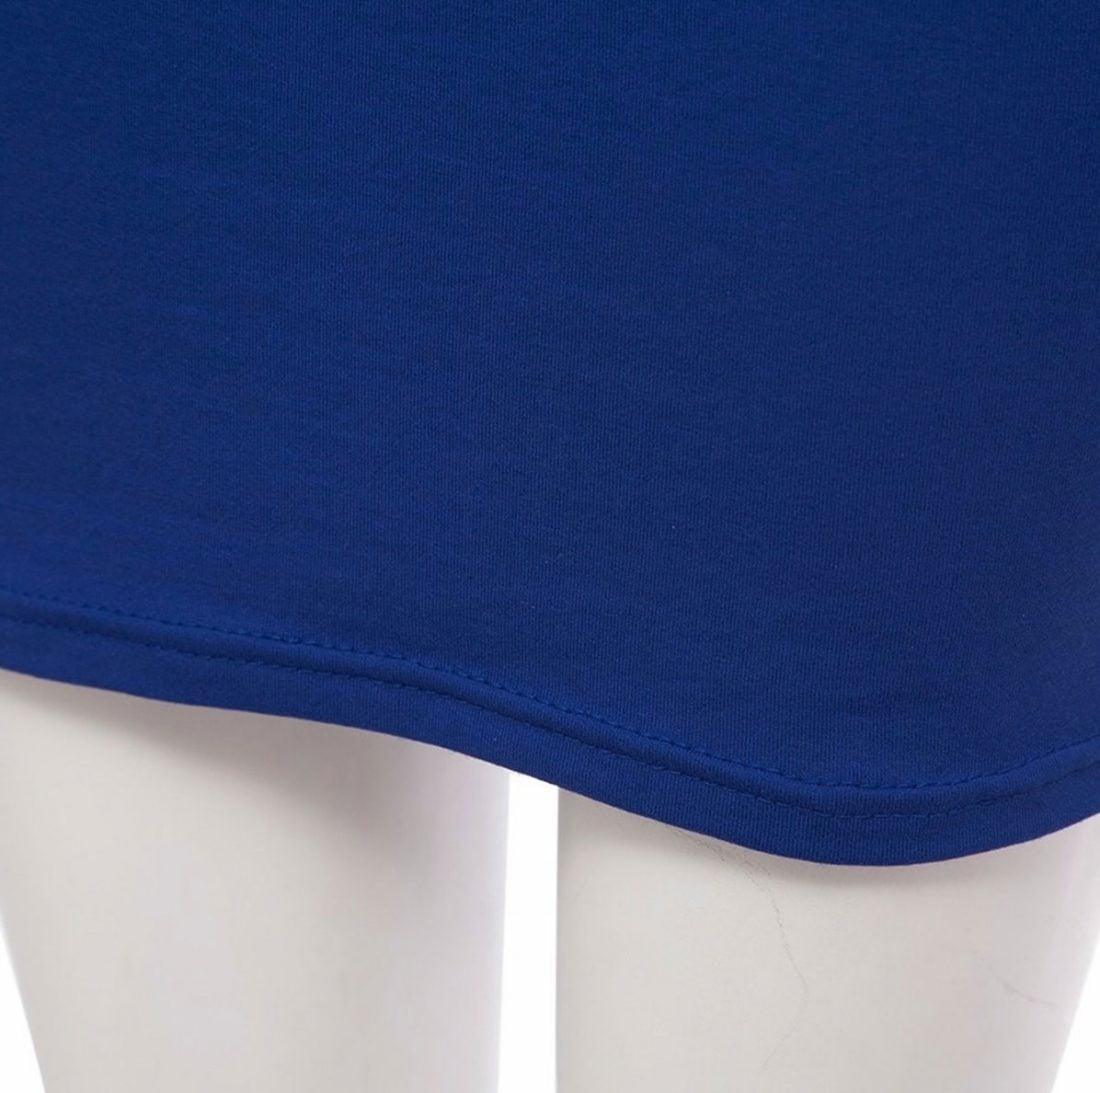 M0181 blue8 Two Piece Sets Dresses maureens.com boutique